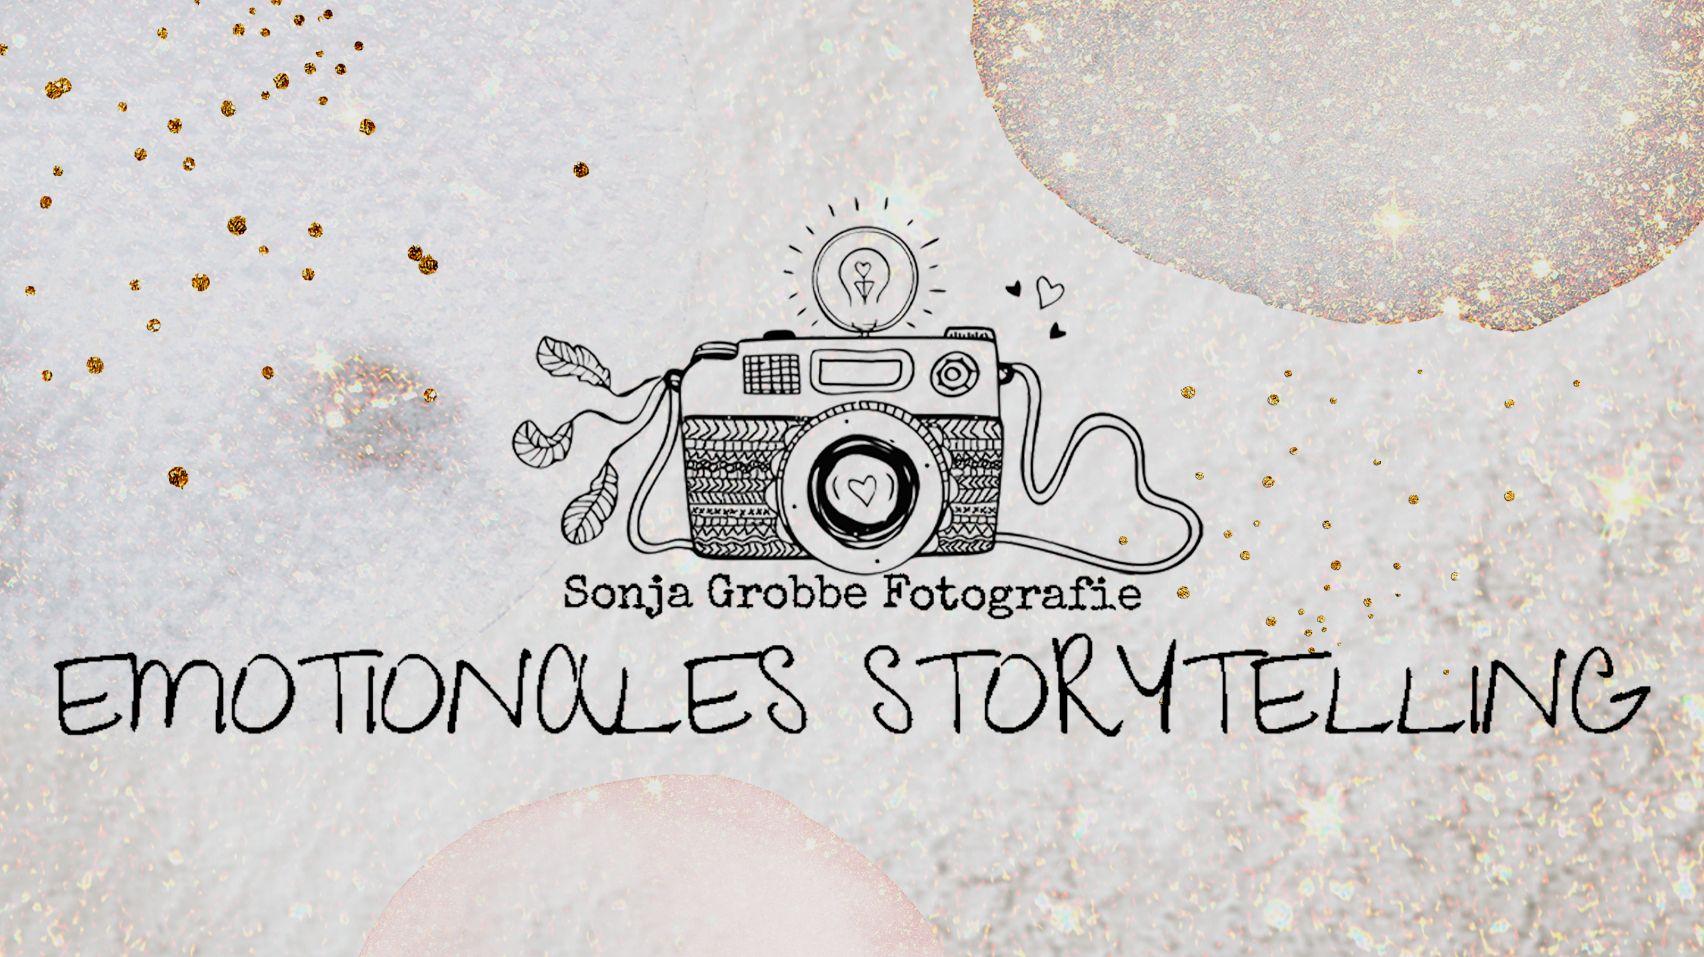 Sonja Grobbe Fotografie